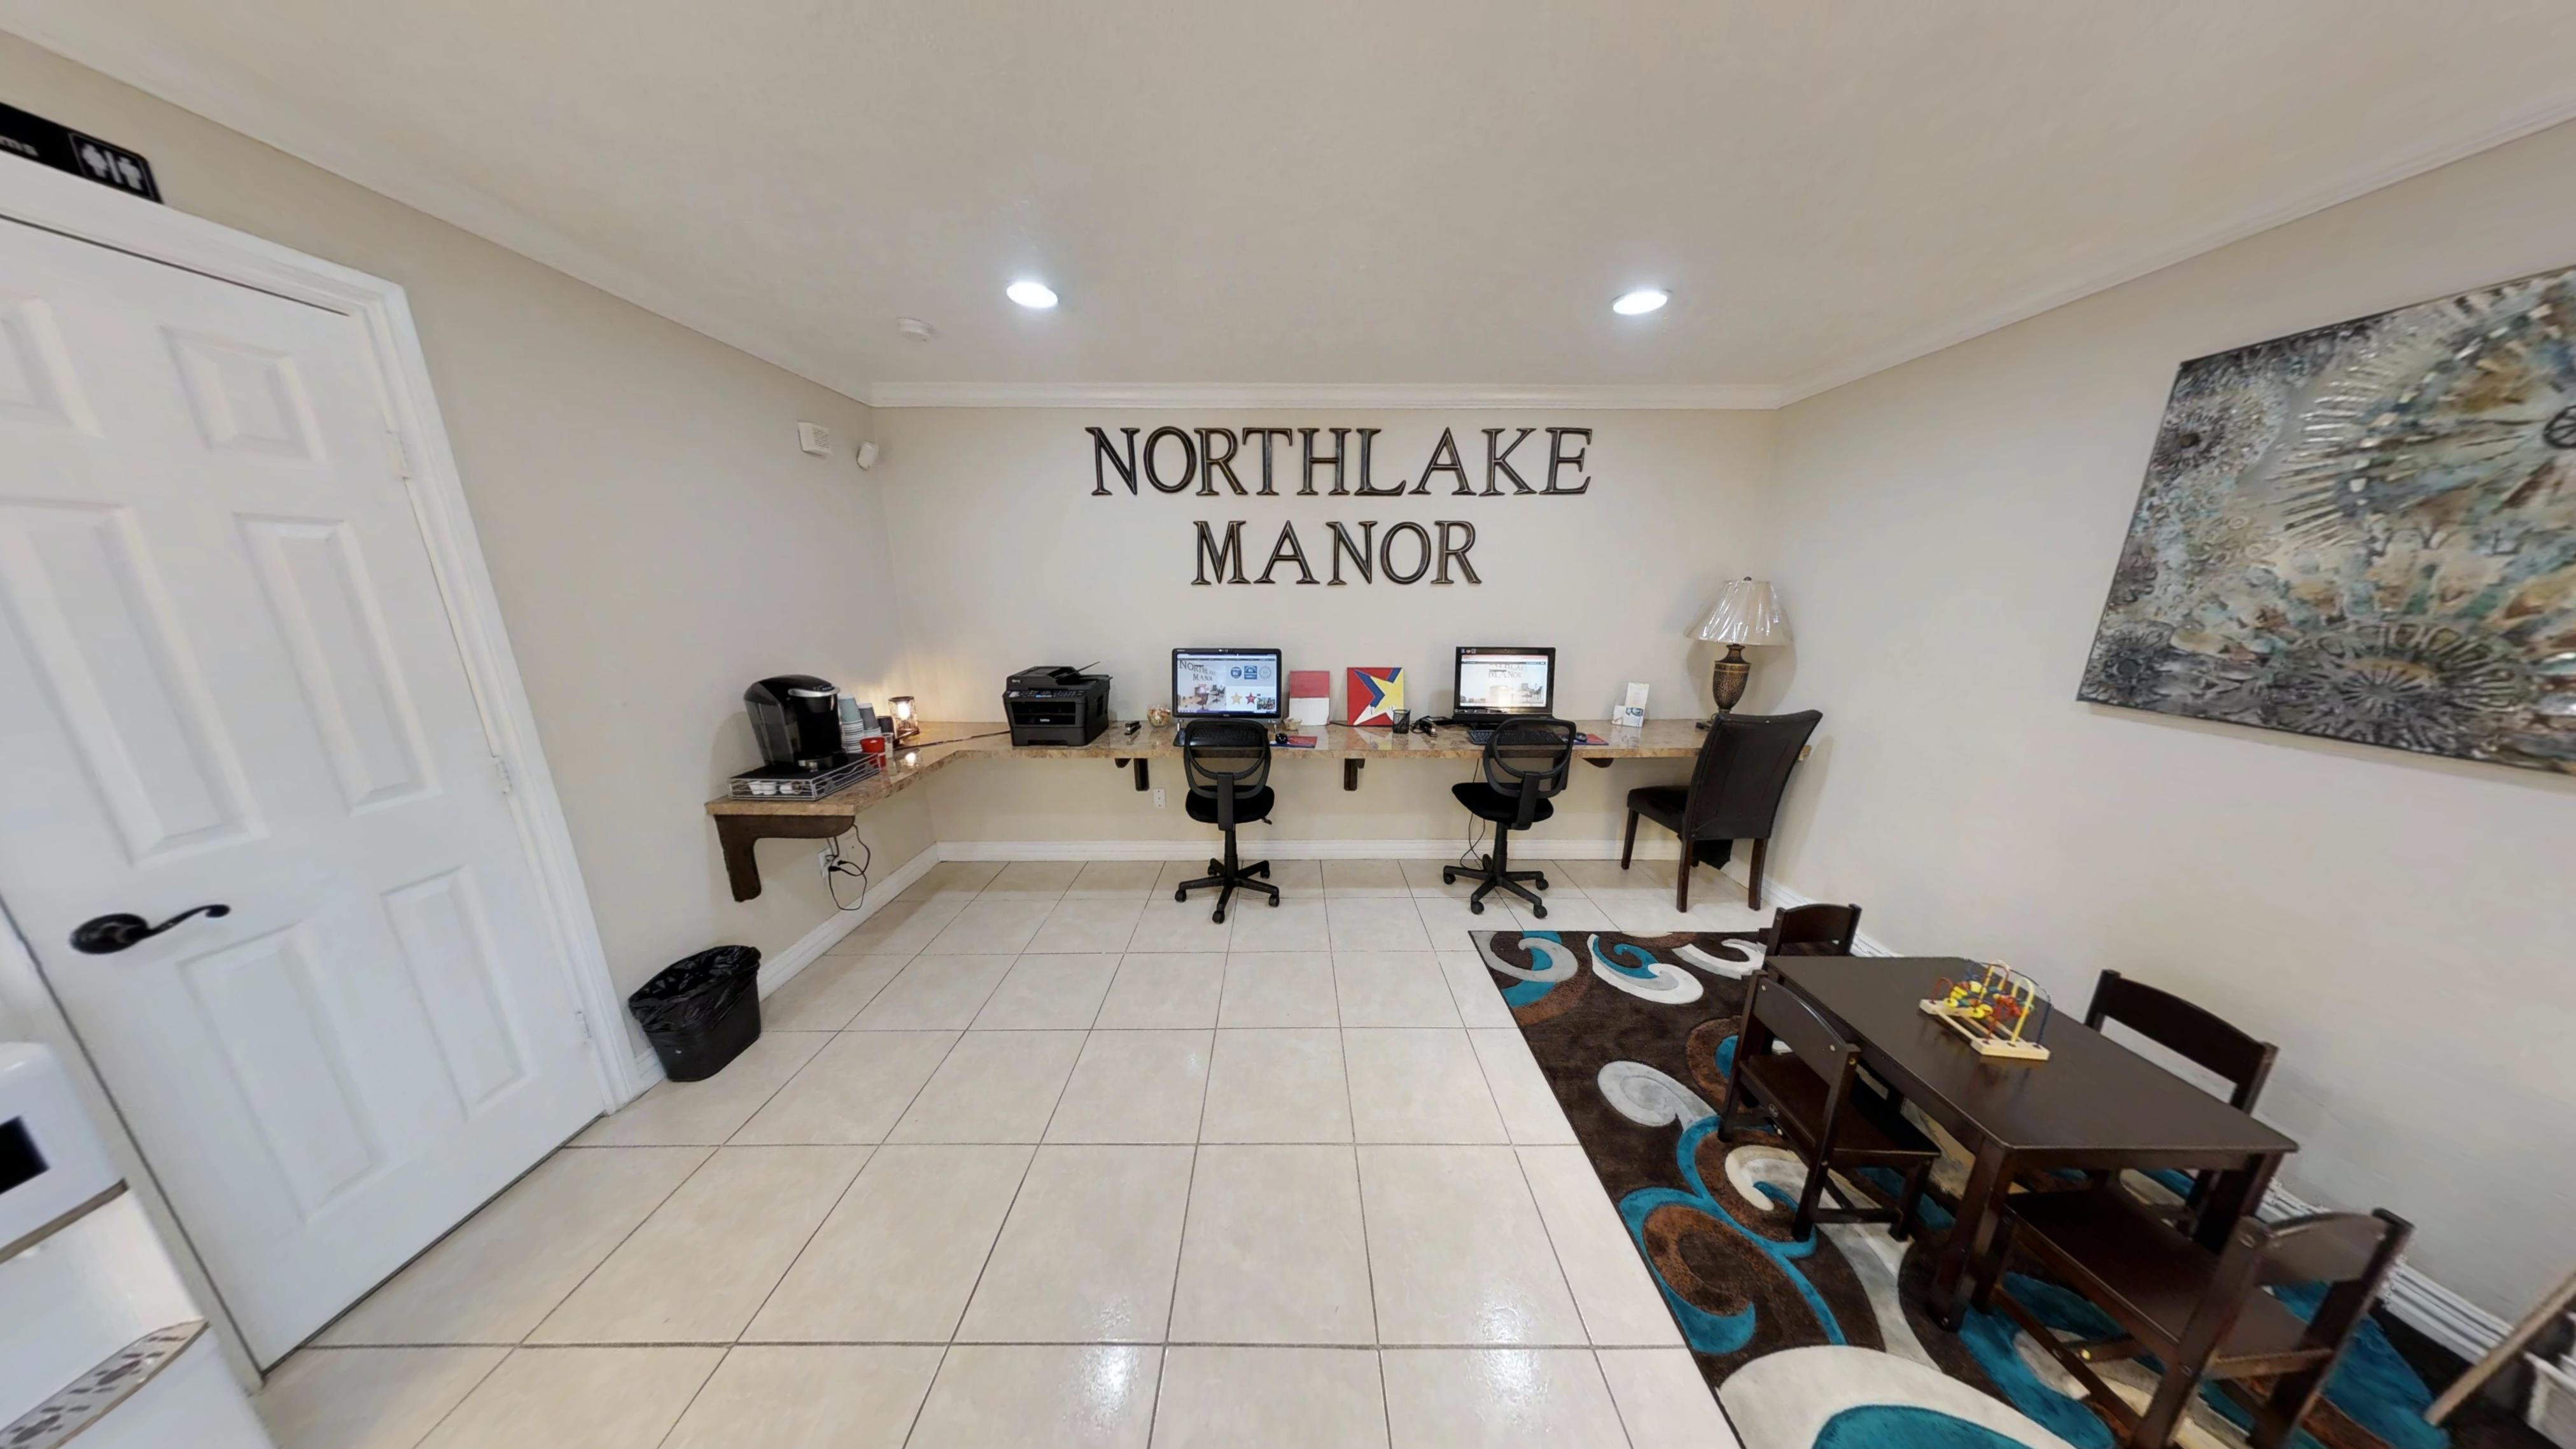 Northlake Manor - Amenities - 6